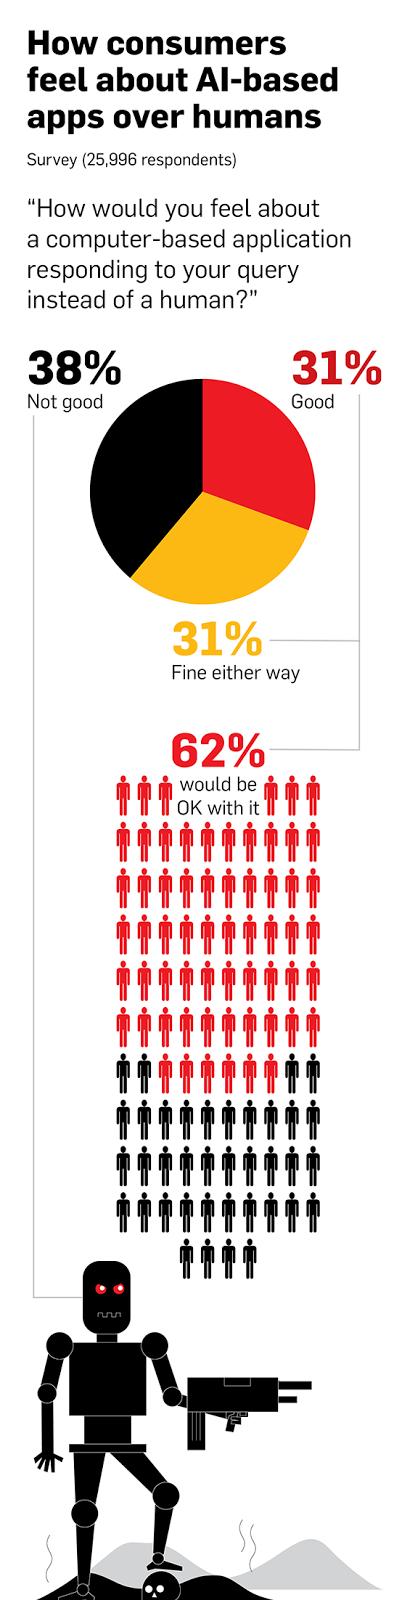 Что покупатели думают о замене людей приложениями, основанными на искусственном интеллекте